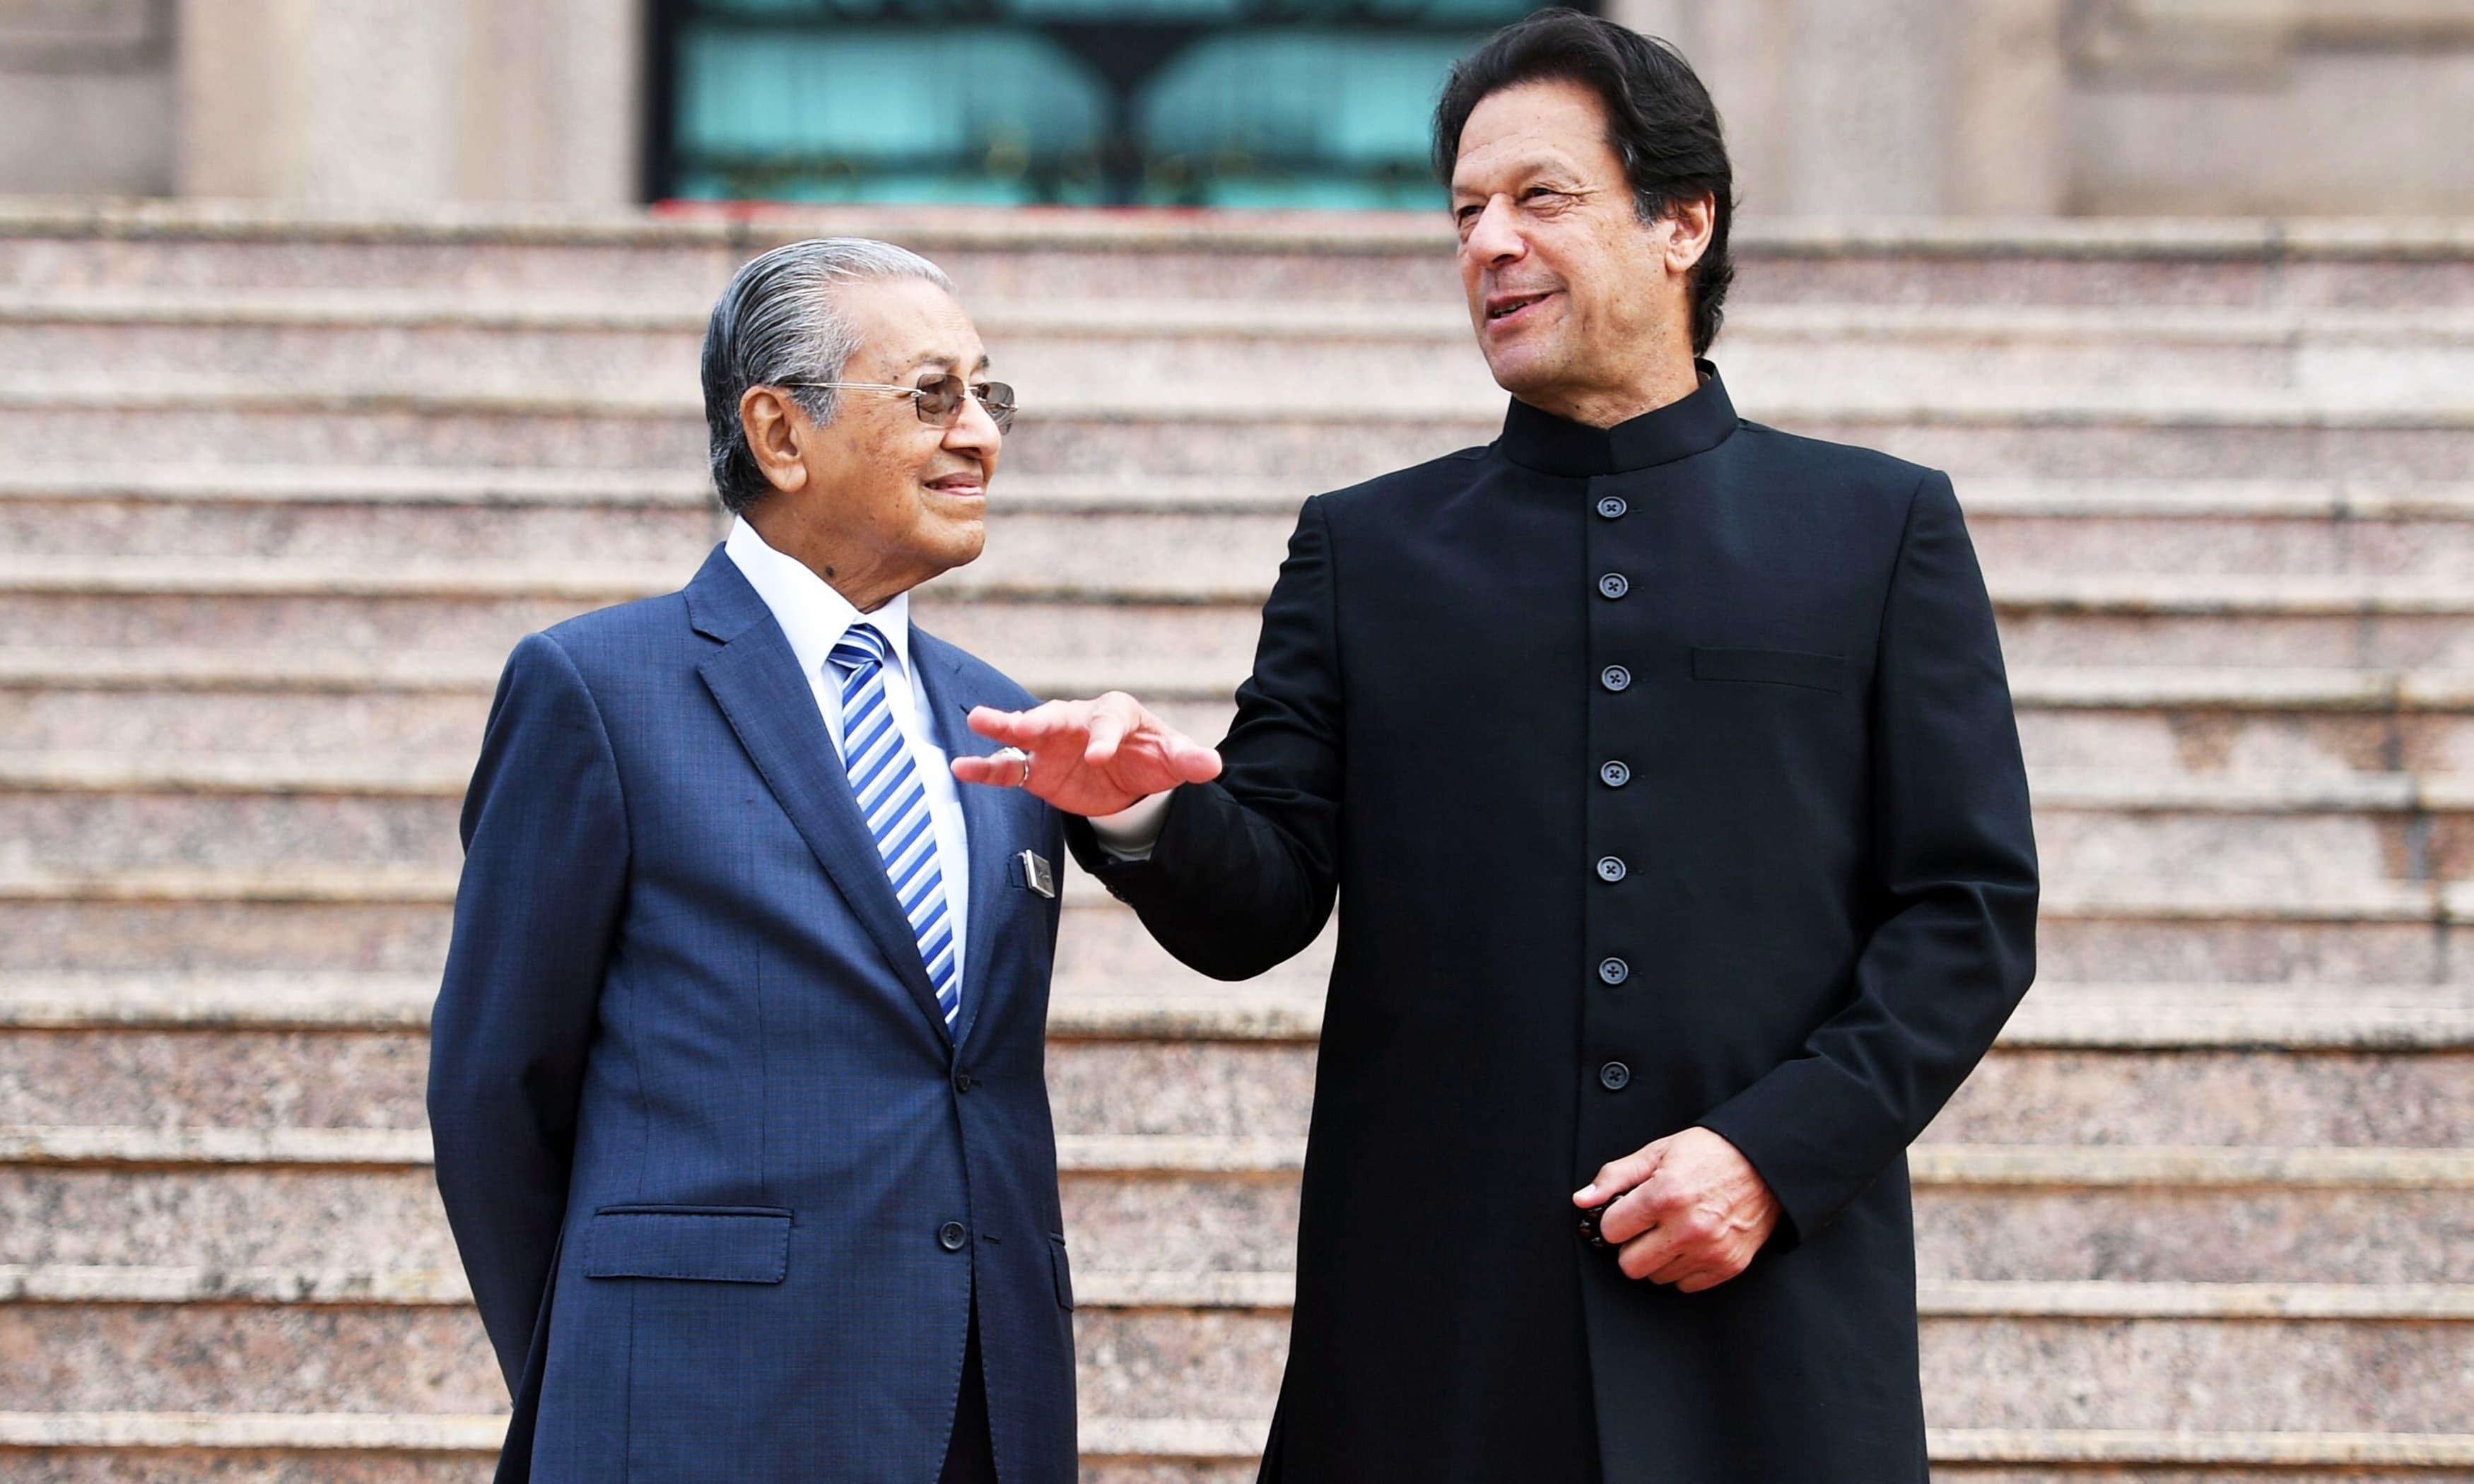 وزیر اعظم، مقبوضہ کشمیر میں ناانصافیوں کےخلاف بولنے پر مہاتیر محمد کے شکر گزار